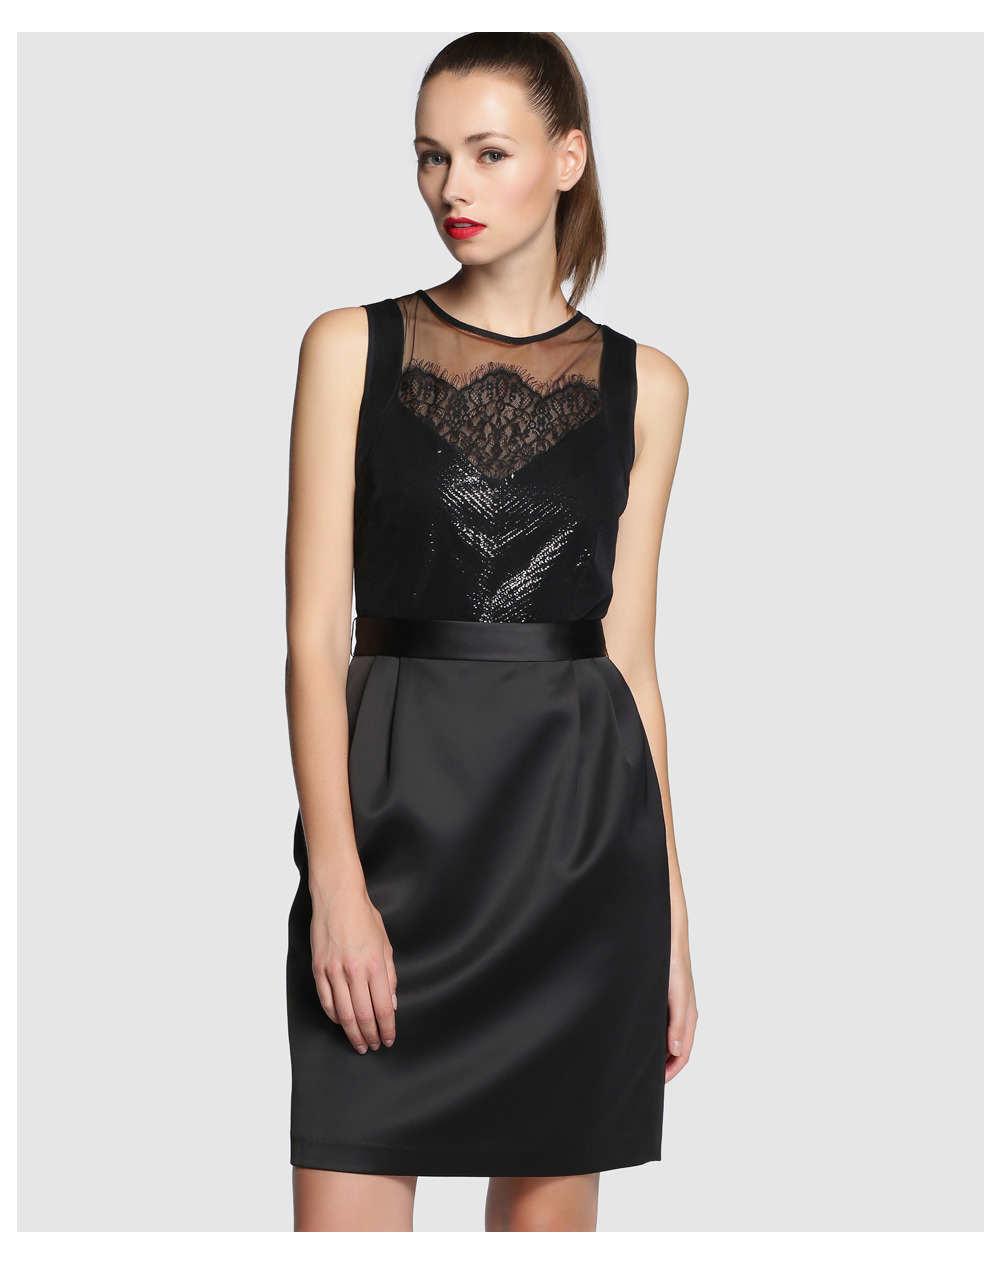 exlentes-vestidos-ocasión1